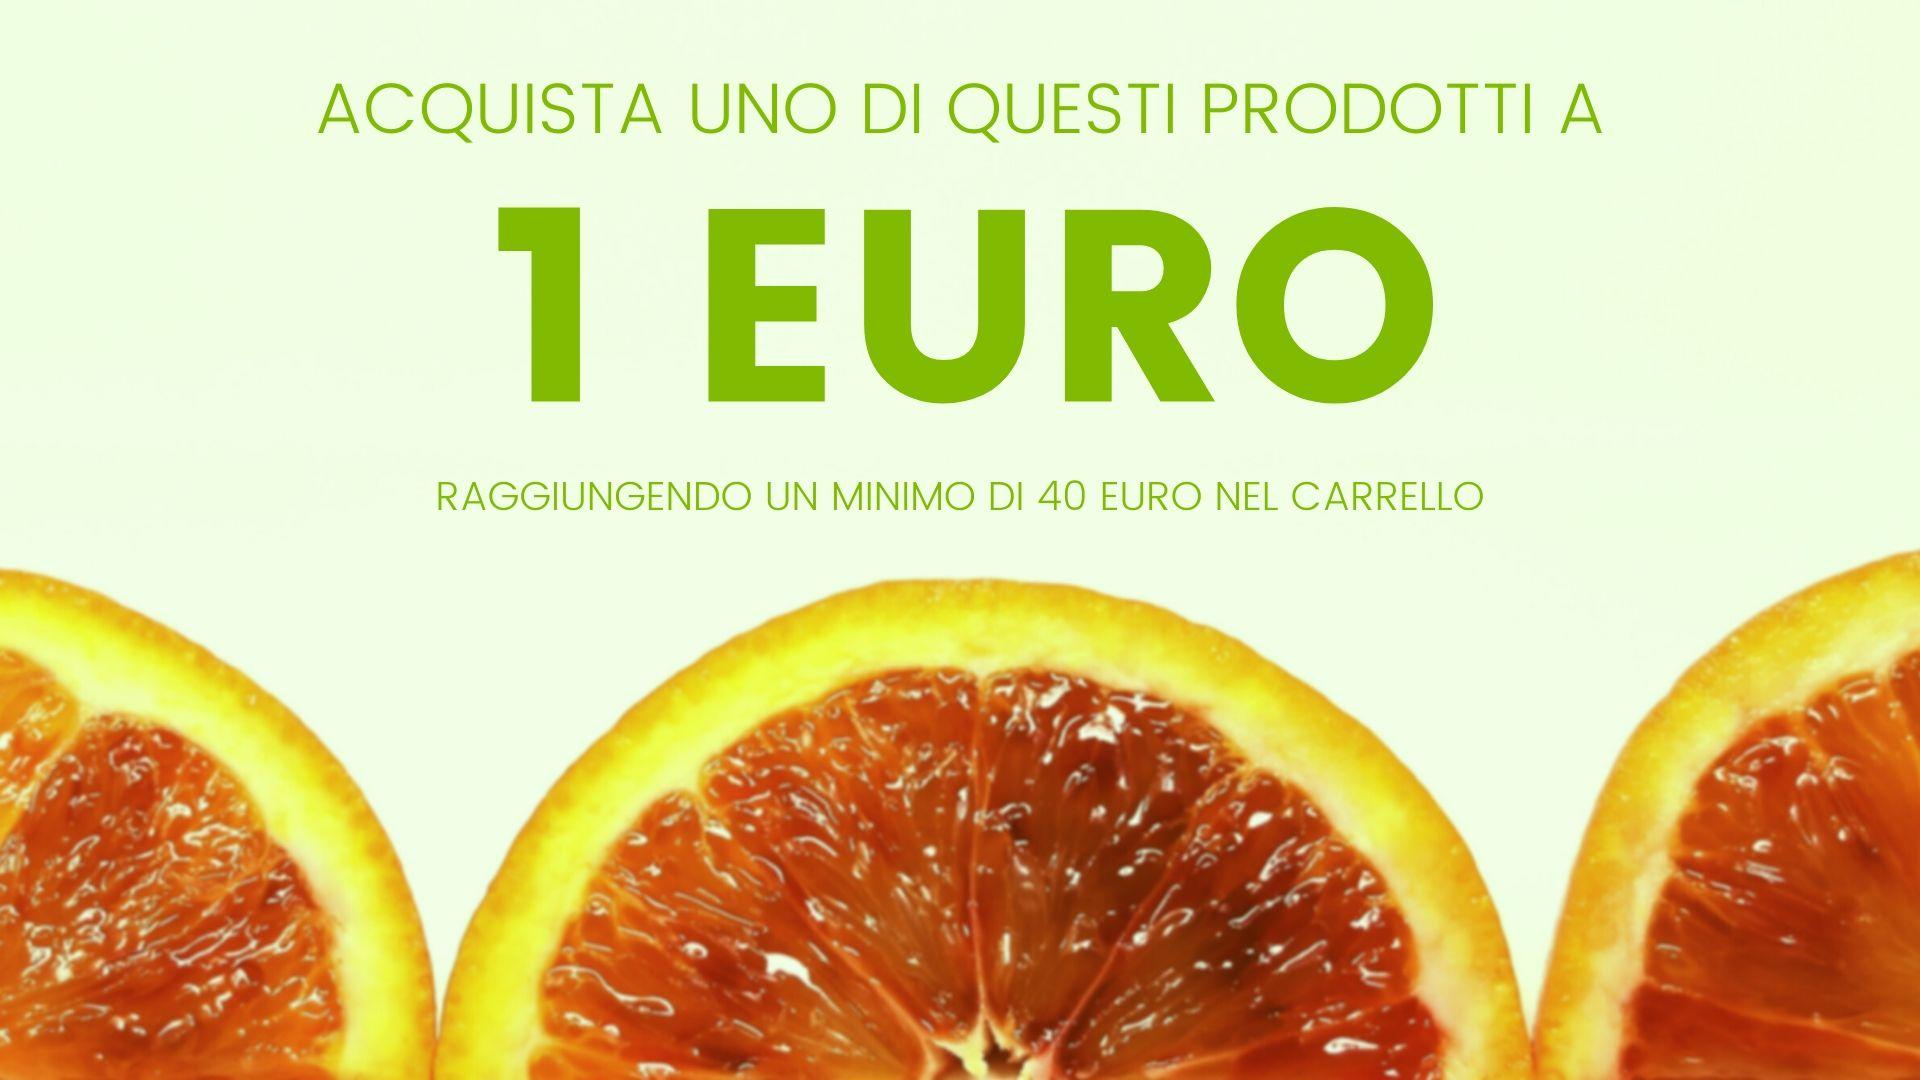 PRODOTTI A UN EURO